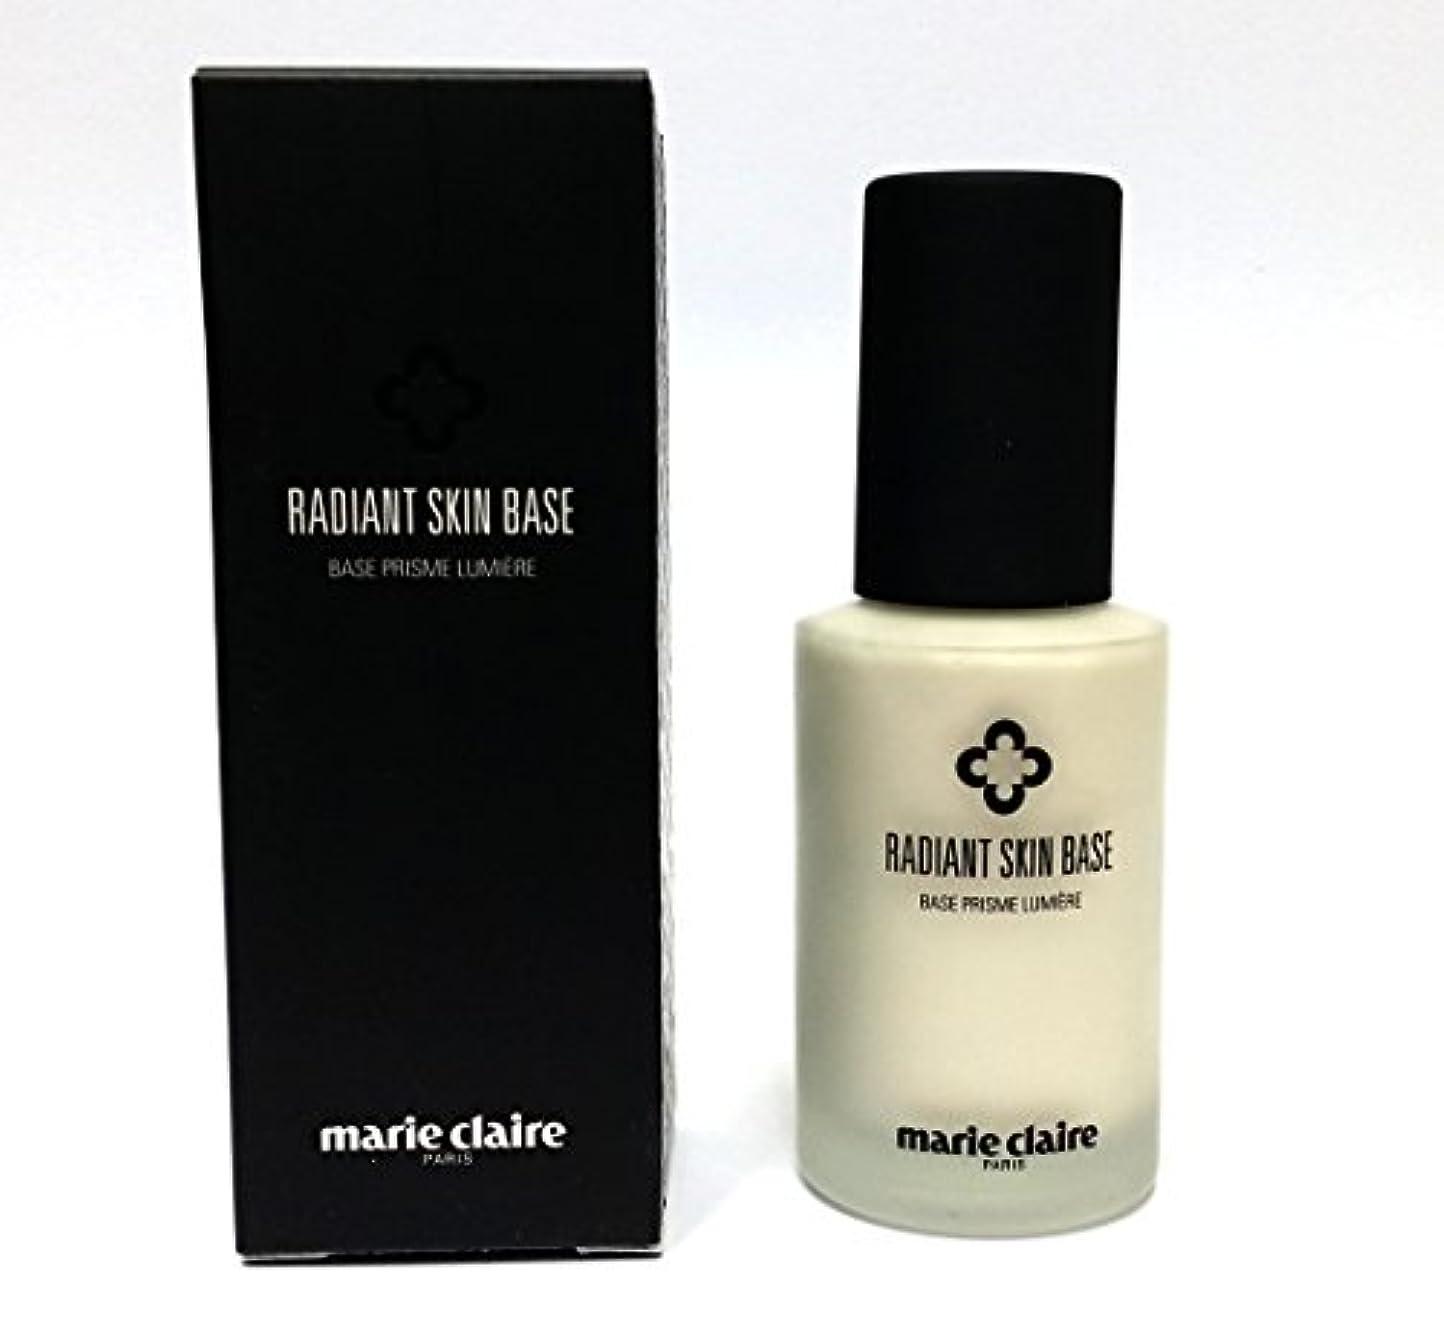 がっかりする敗北一般的な[Marie Claire] ラディアントスキンベース30ml / Radiant Skin Base 30ml / 皮膚の傷はカバー / skin blemishes cover / ソフト、水分、絹のような / soft...